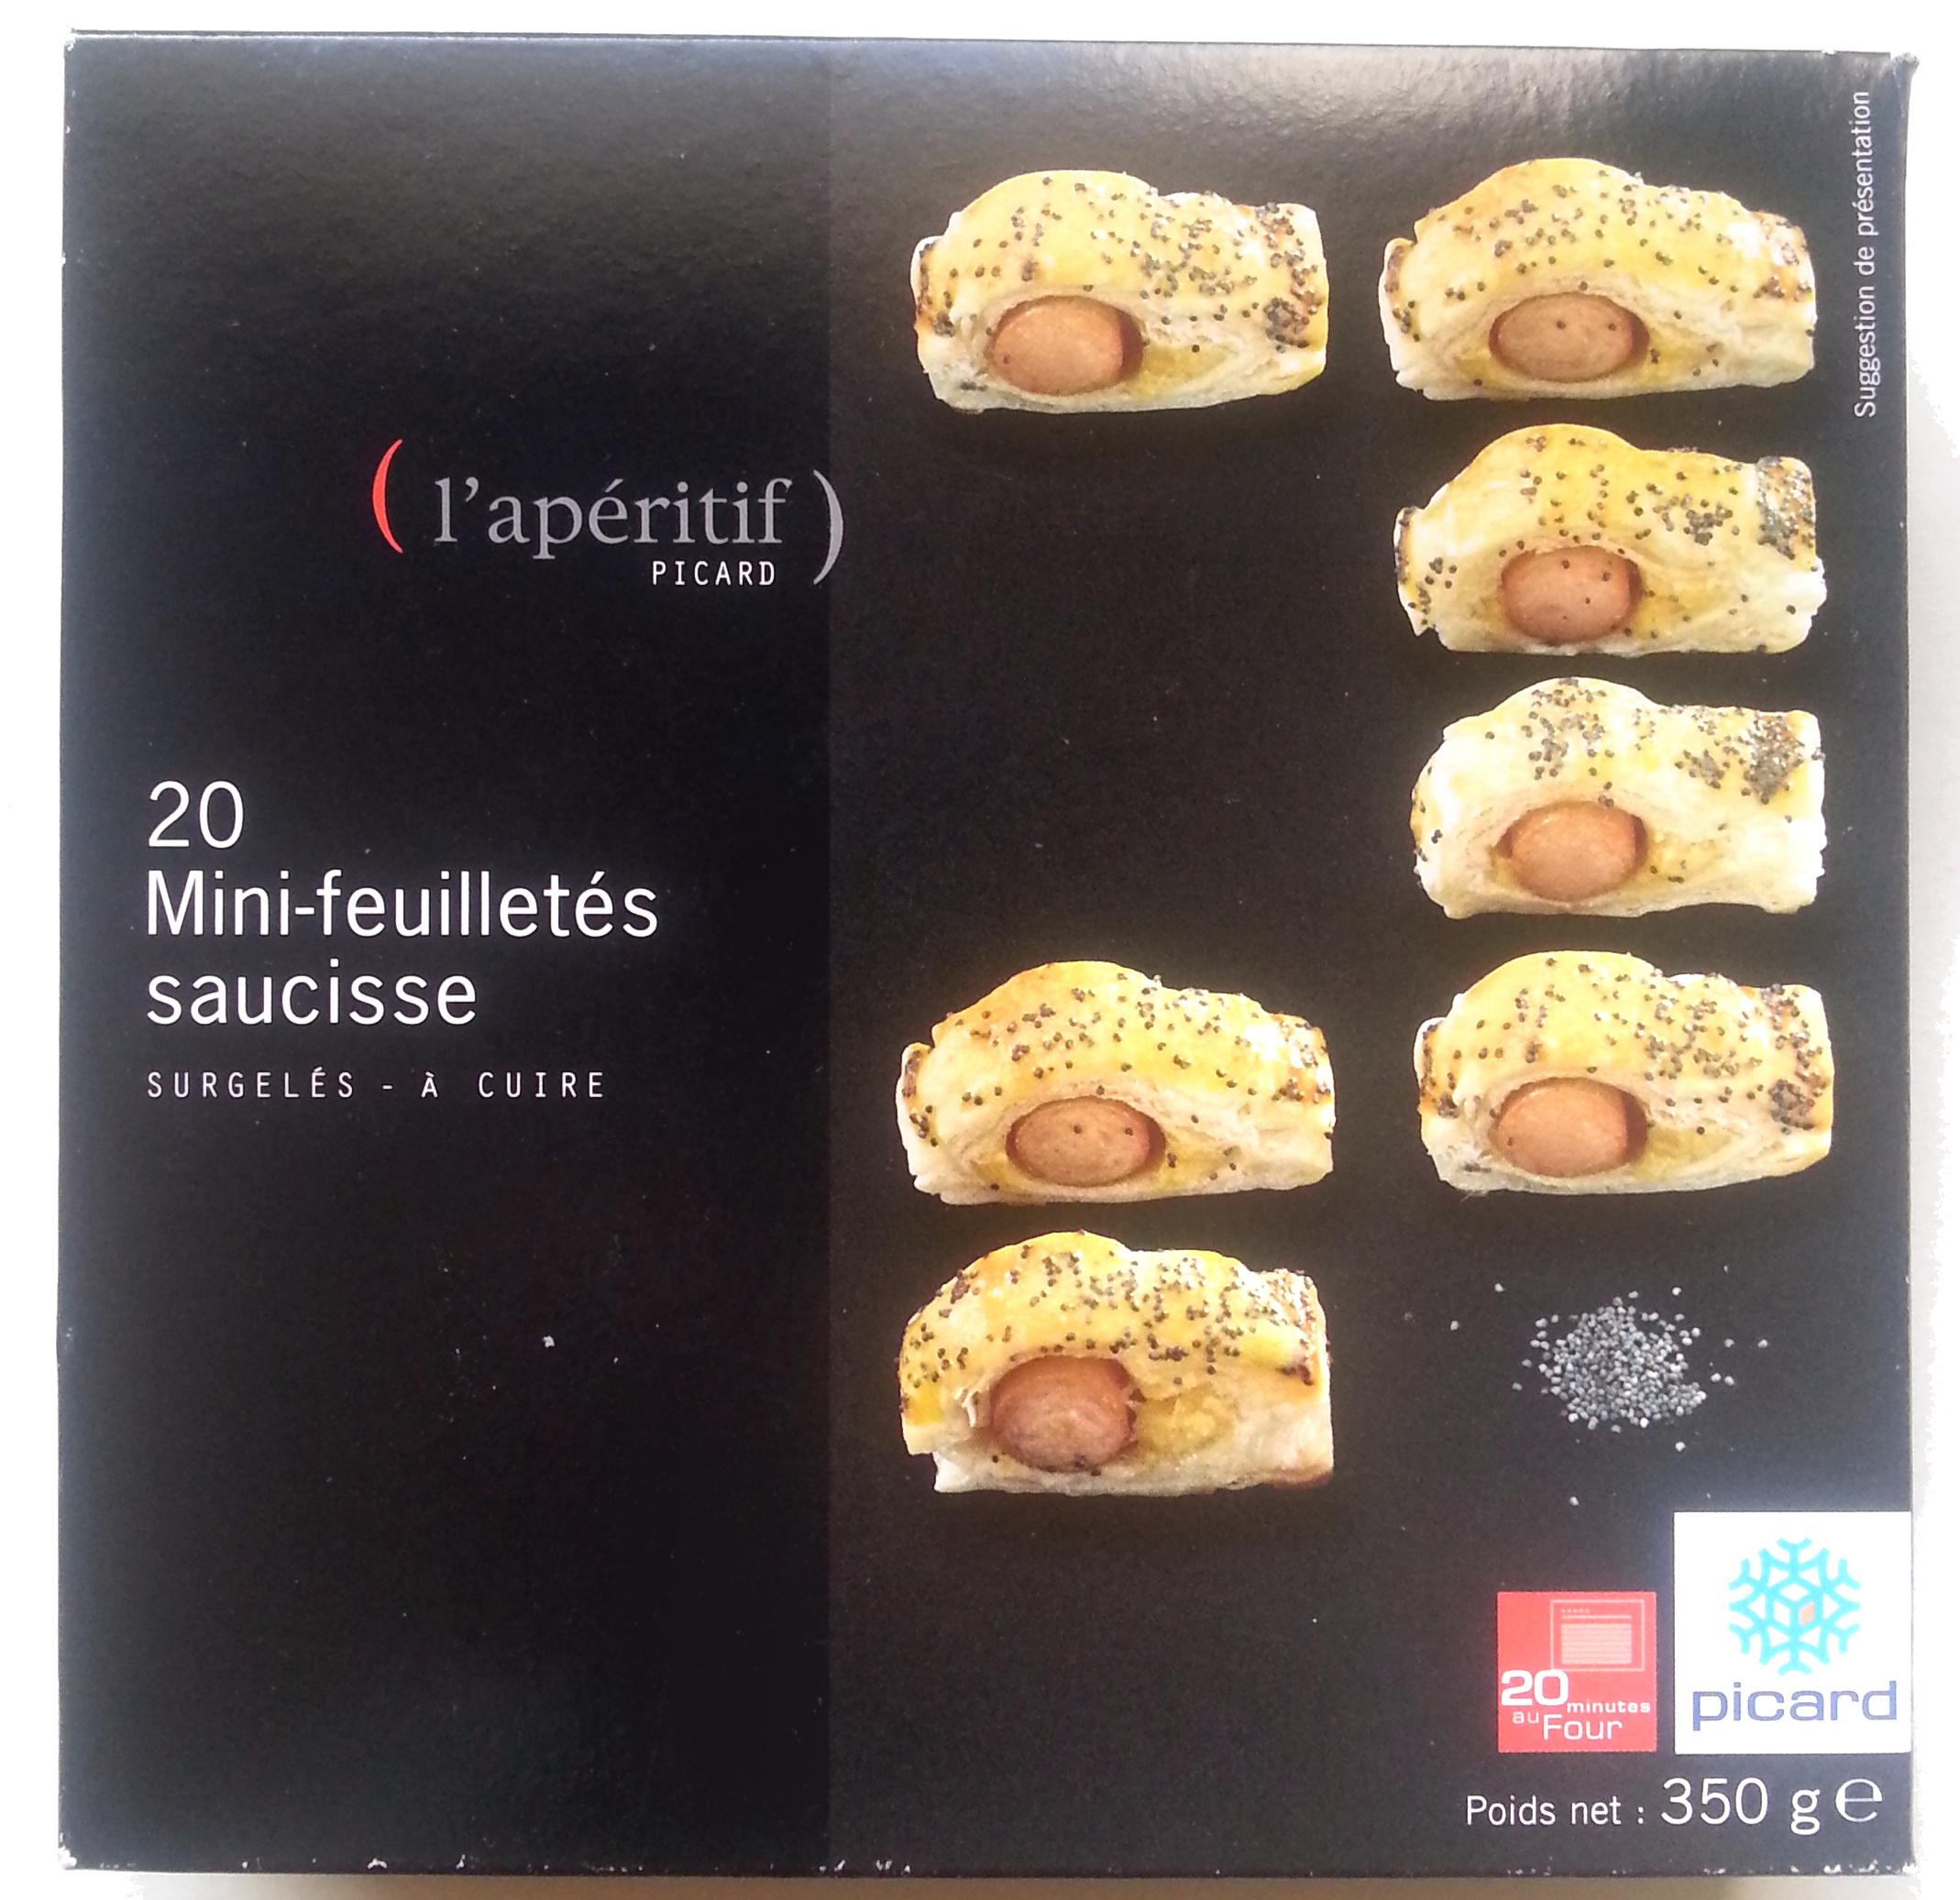 20 Mini-feuilletés saucisse - surgelés 350 g - Product - fr